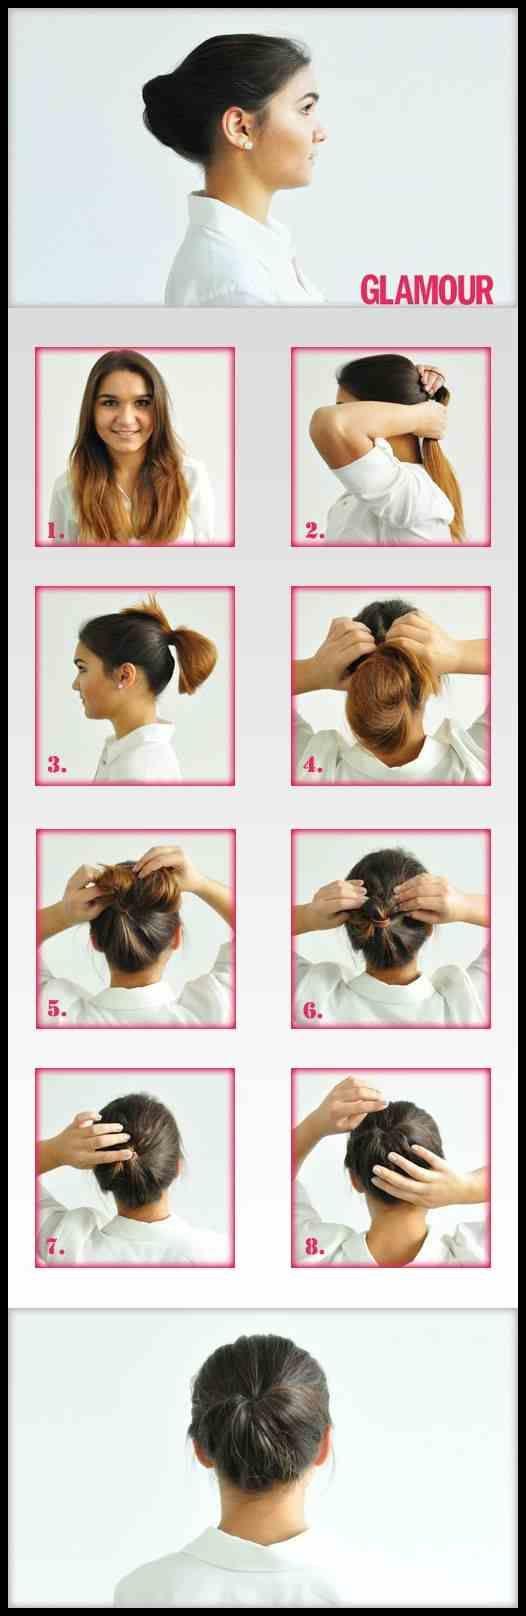 Business Frisuren Damen  Finden Sie die beste Frisur Inspiration